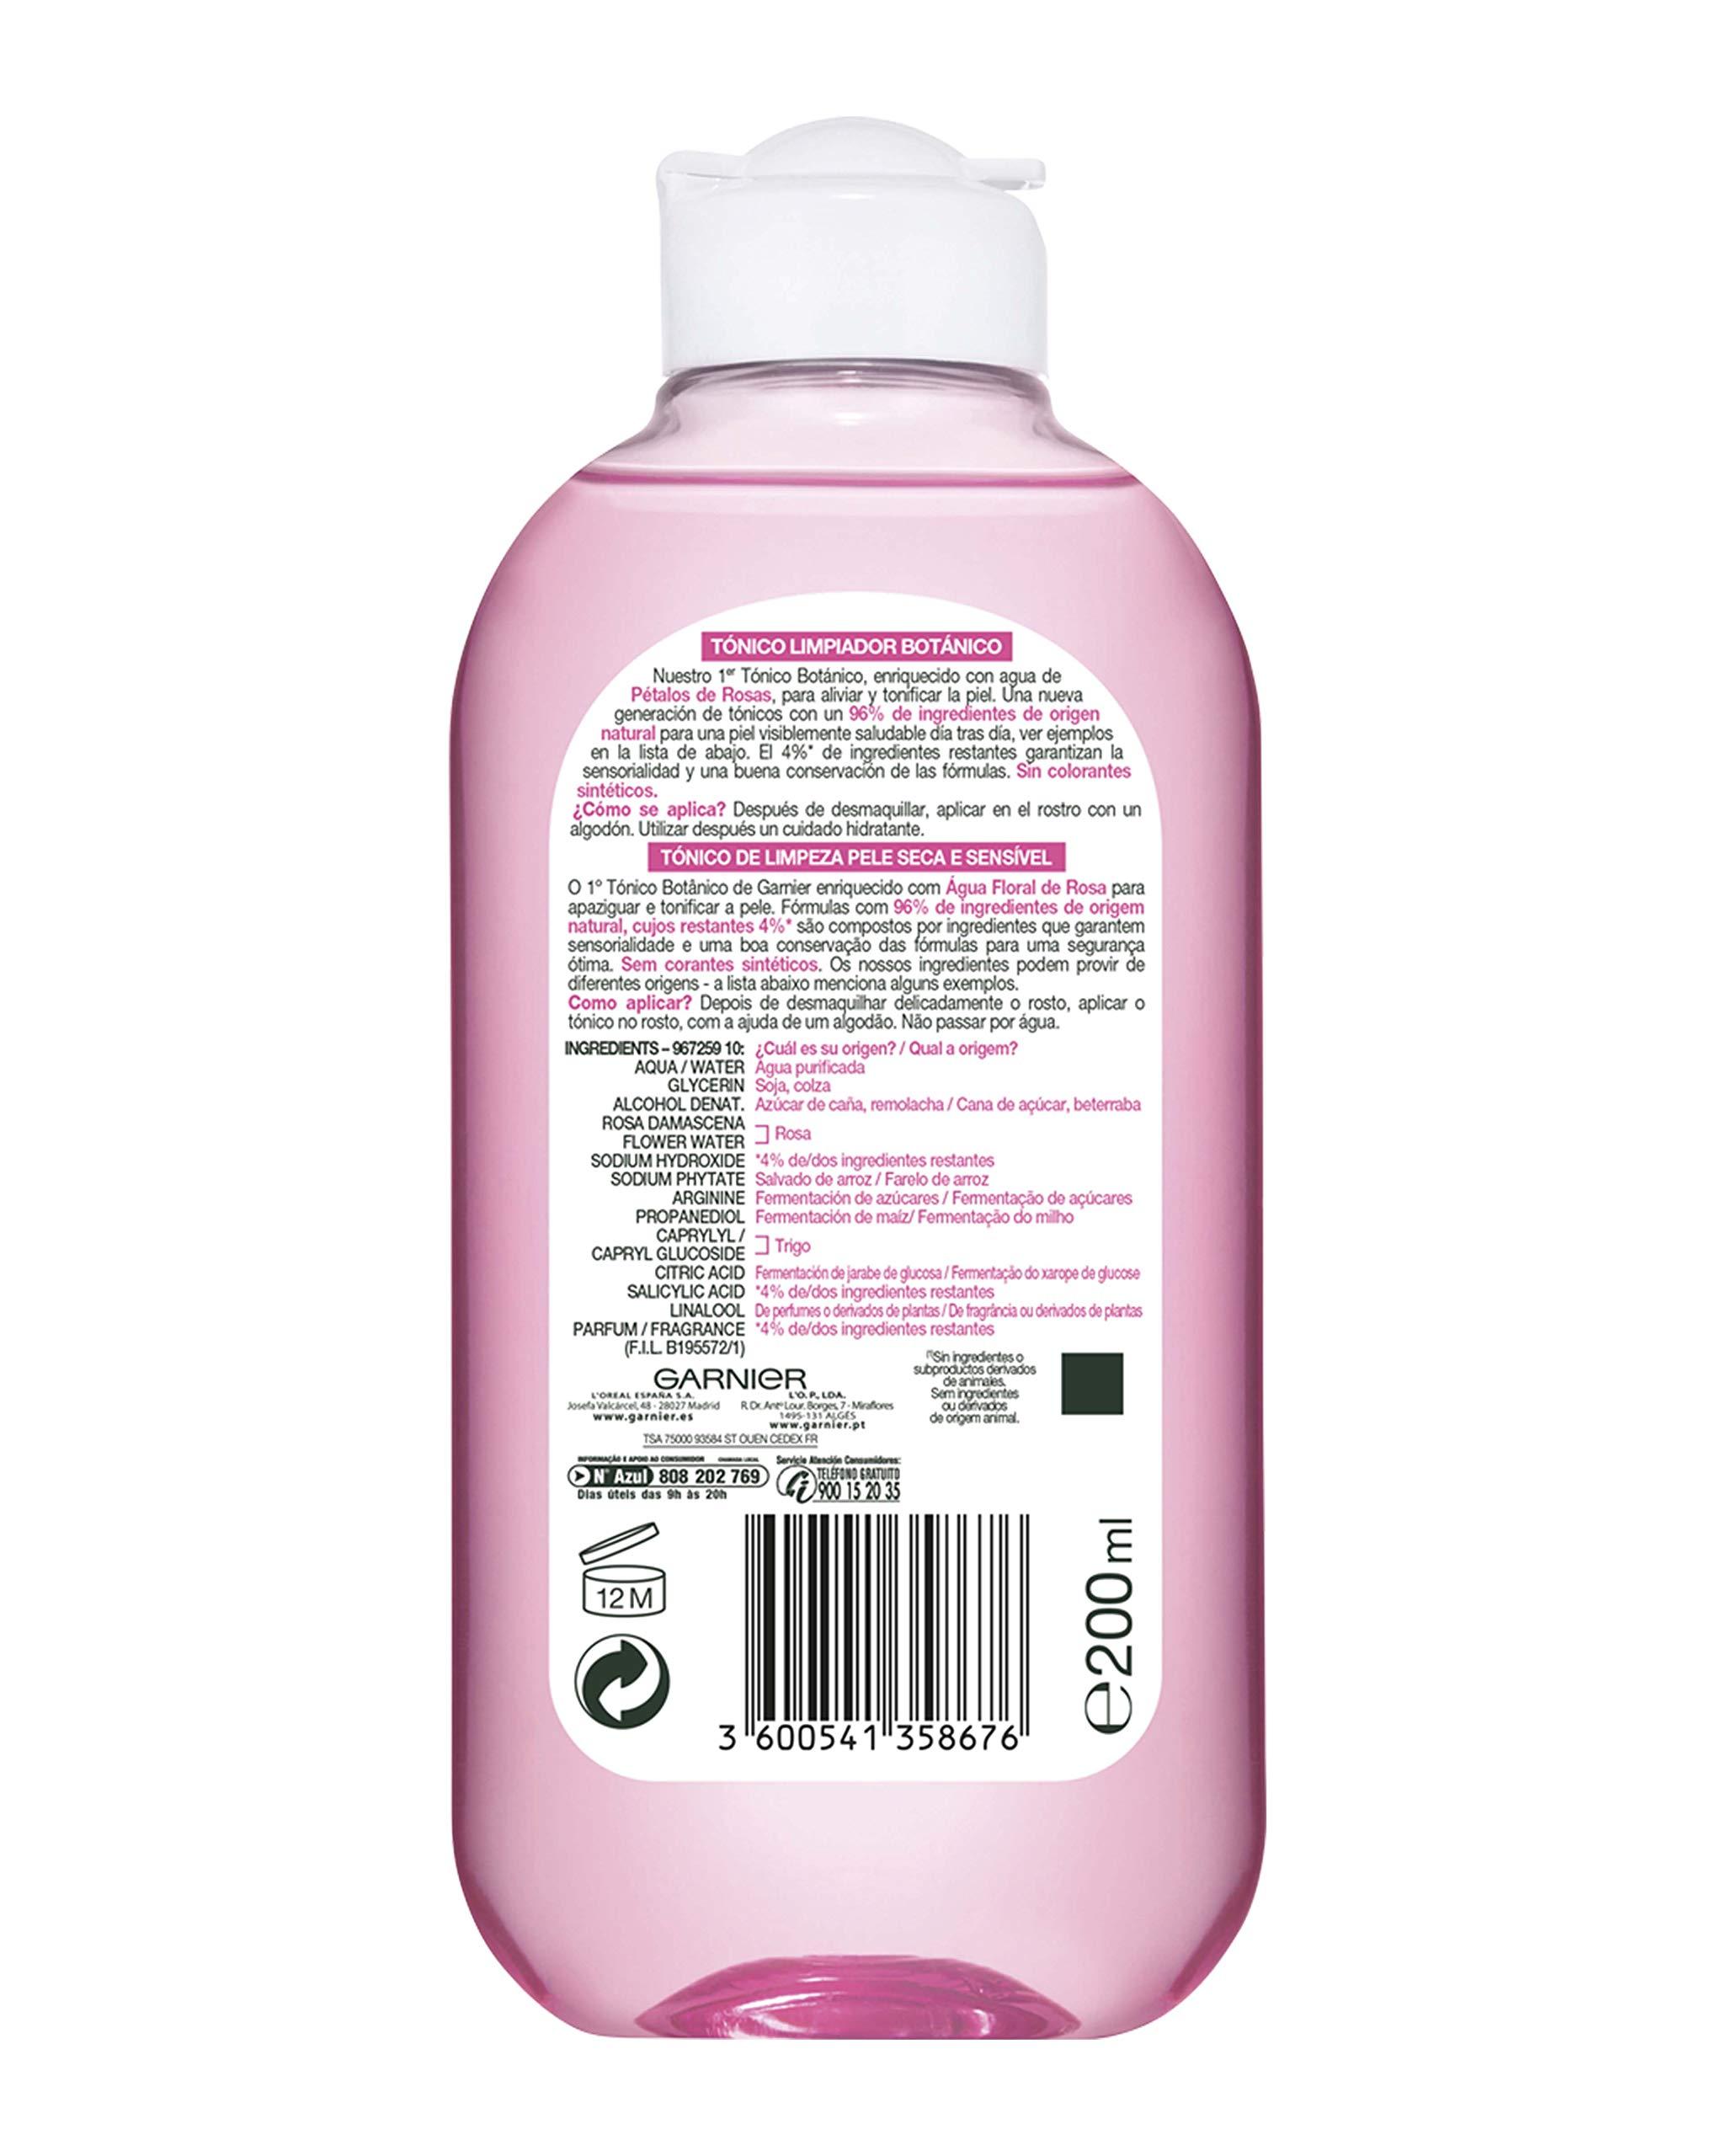 Garnier Skin Active Tónico Suave Essentials para Pieles Secas y Sensibles – 200 ml